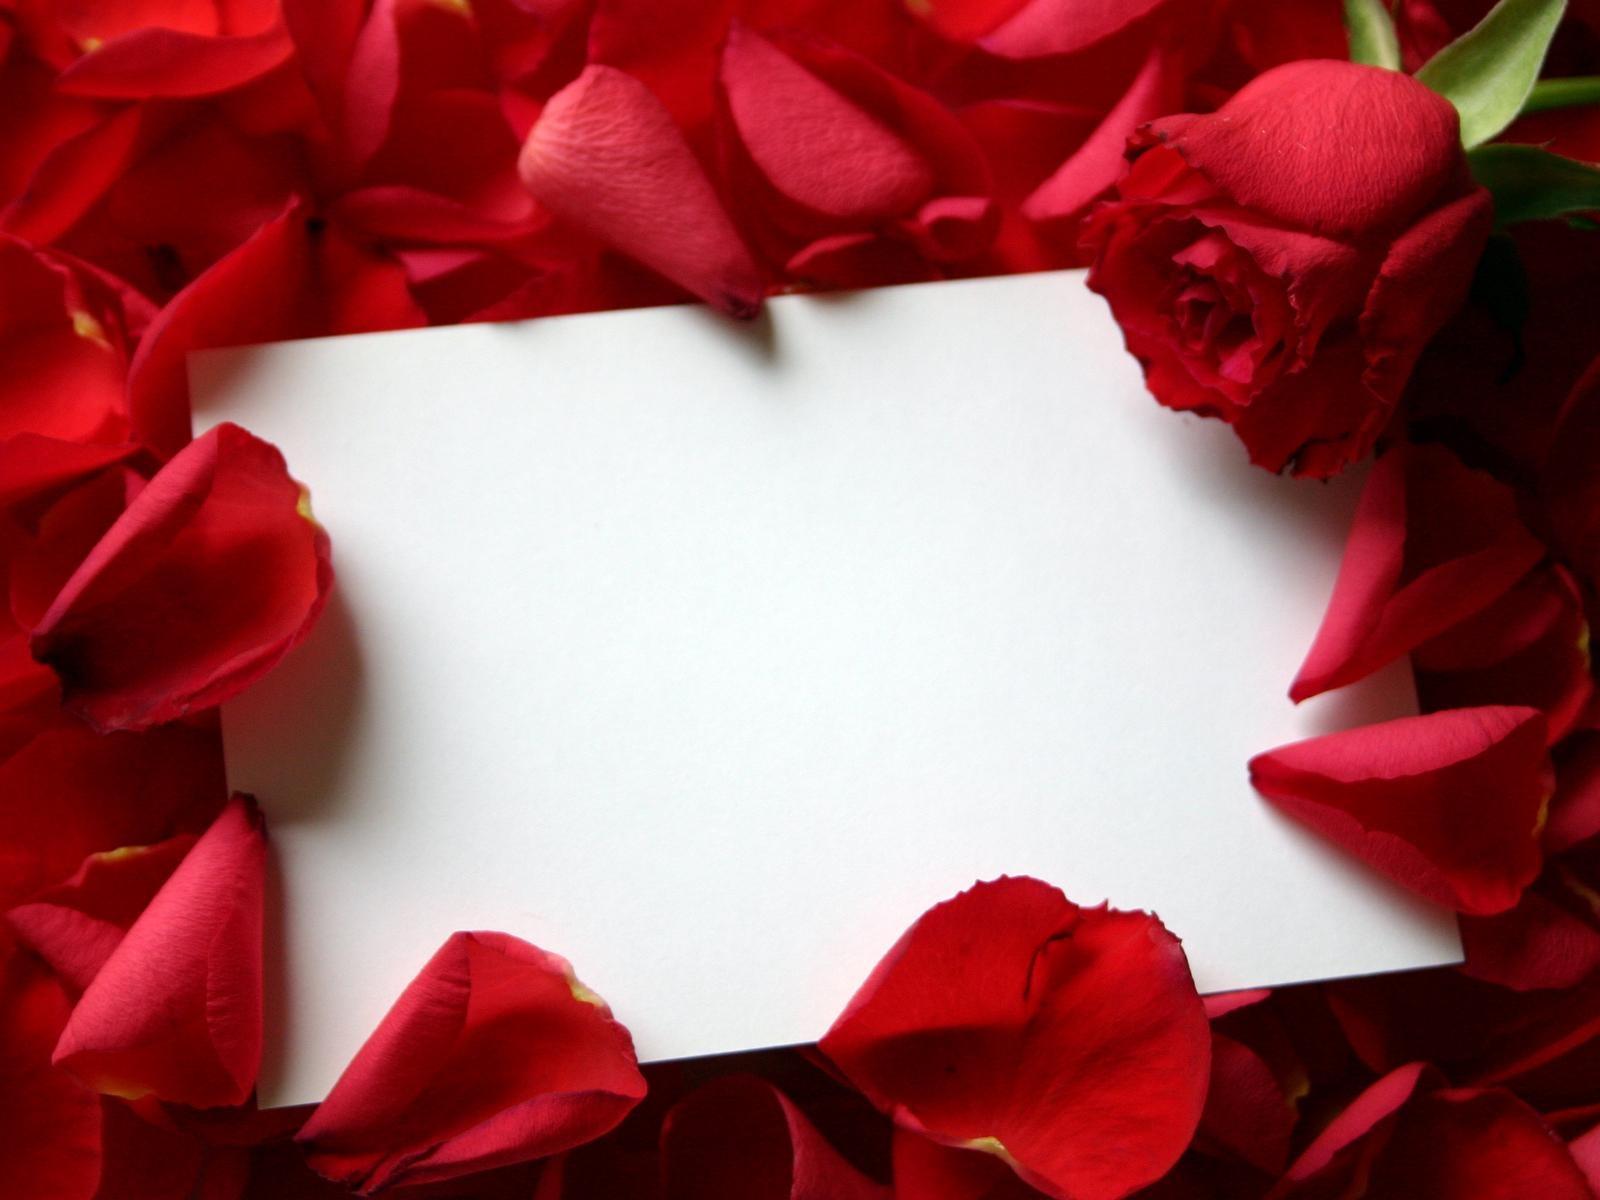 roses_love_letter-1600x1200